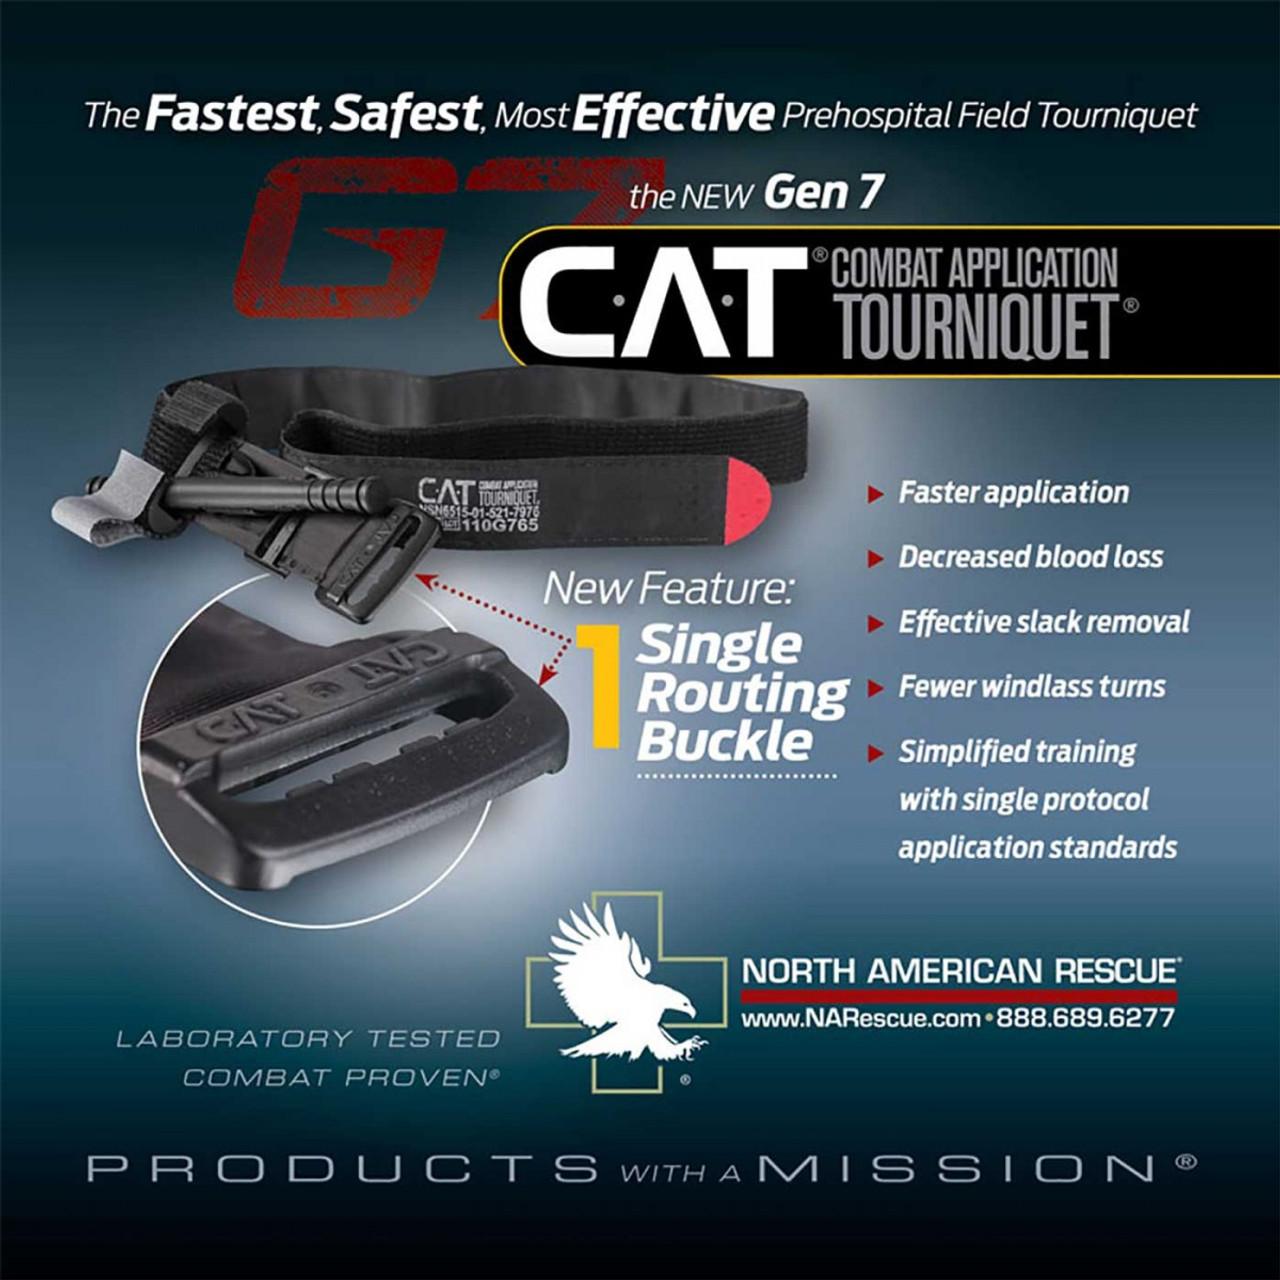 The Combat Application Tourniquet ® (C-A-T) GEN 7